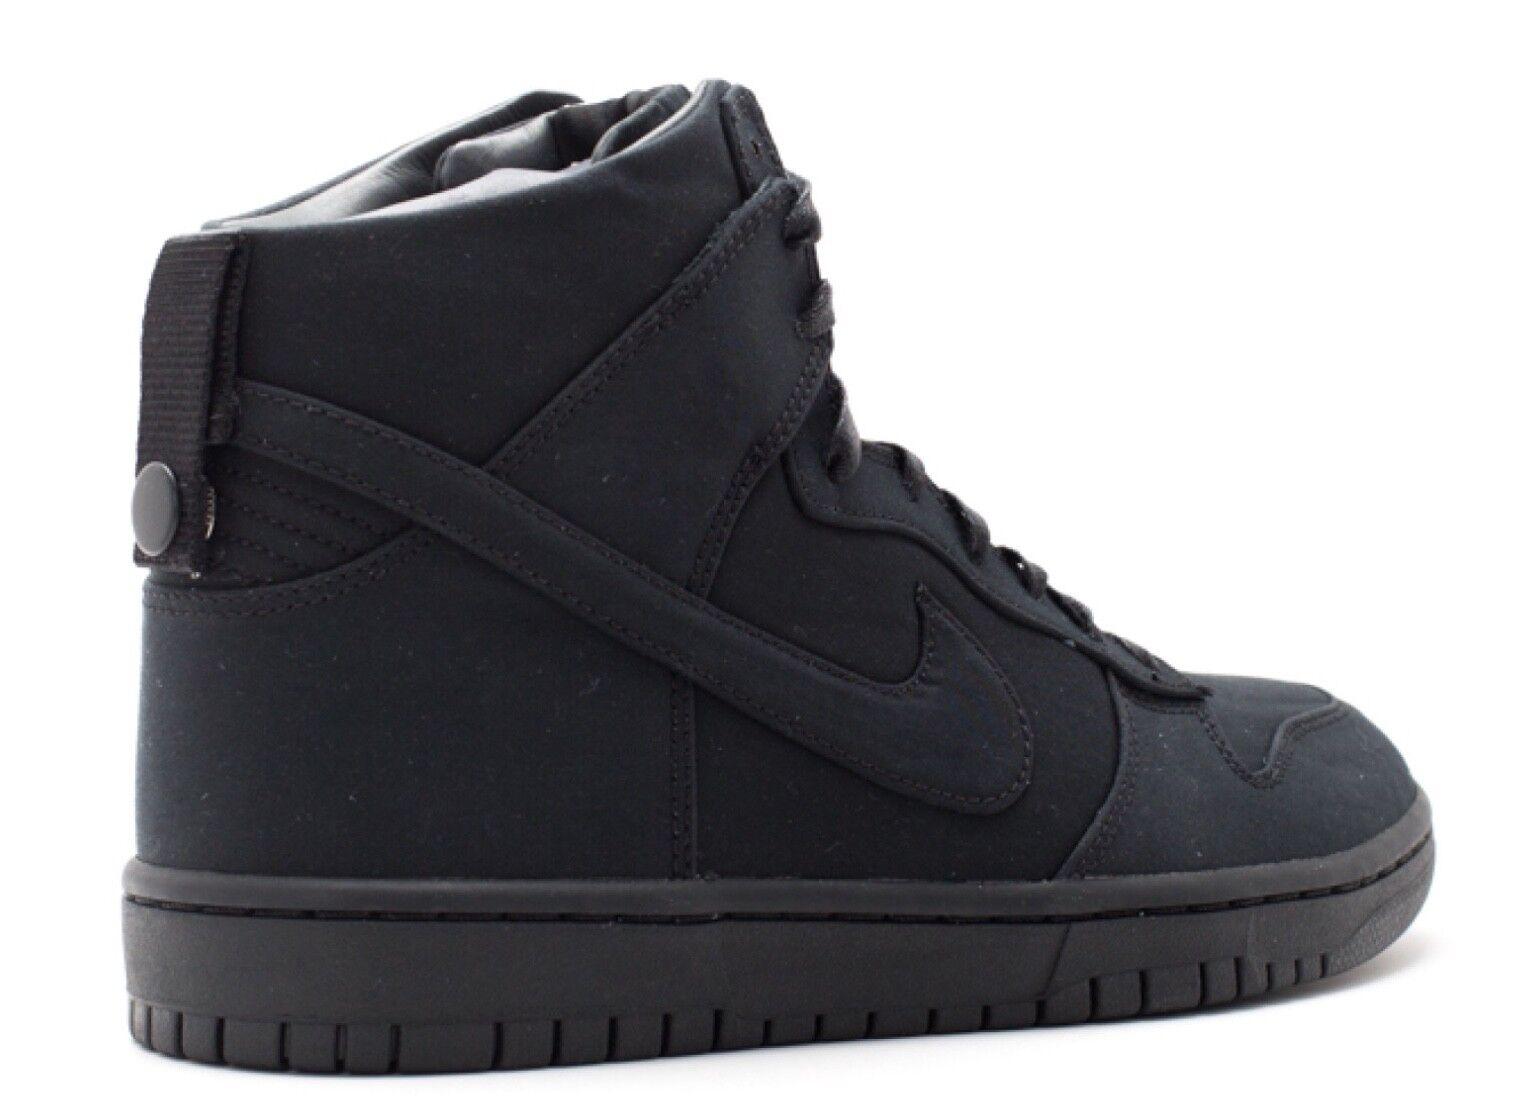 Nike Dunk Lux Sp DSM - 718766 718766 718766 001 f415a2